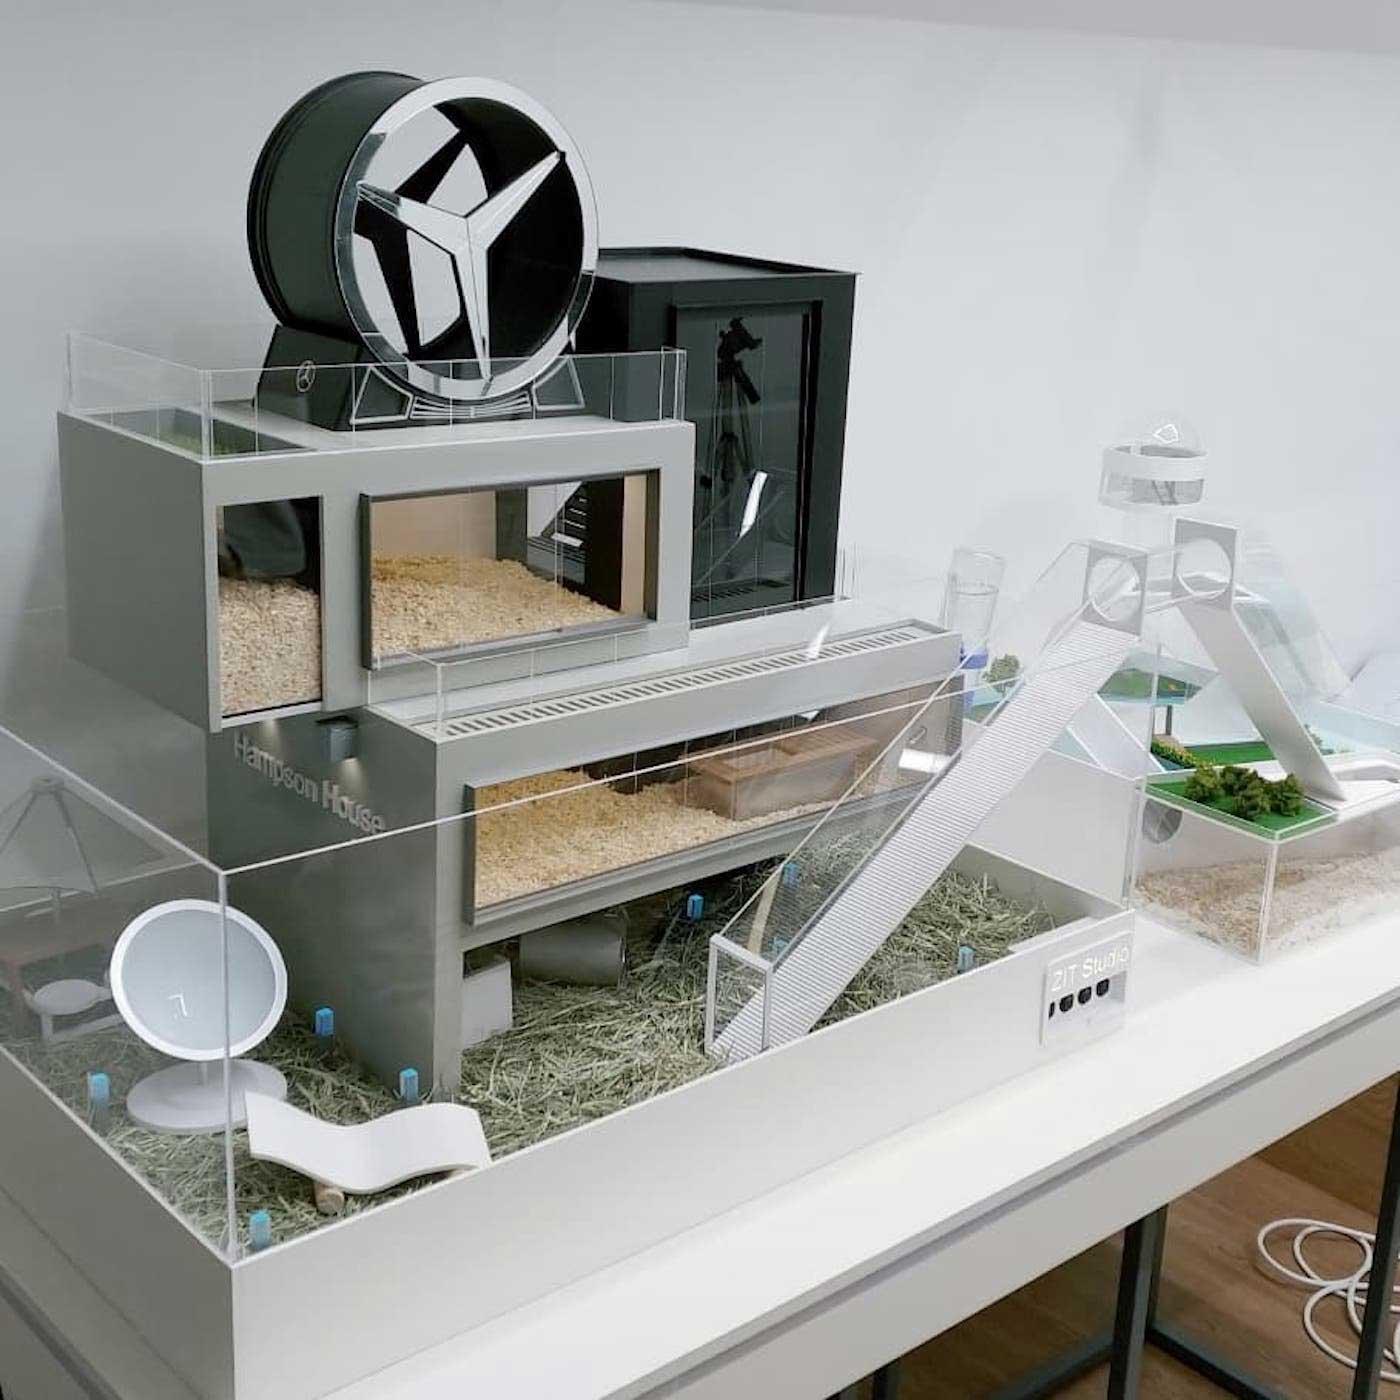 Luxus-Villen für Hamster luxushamsterhaus_02